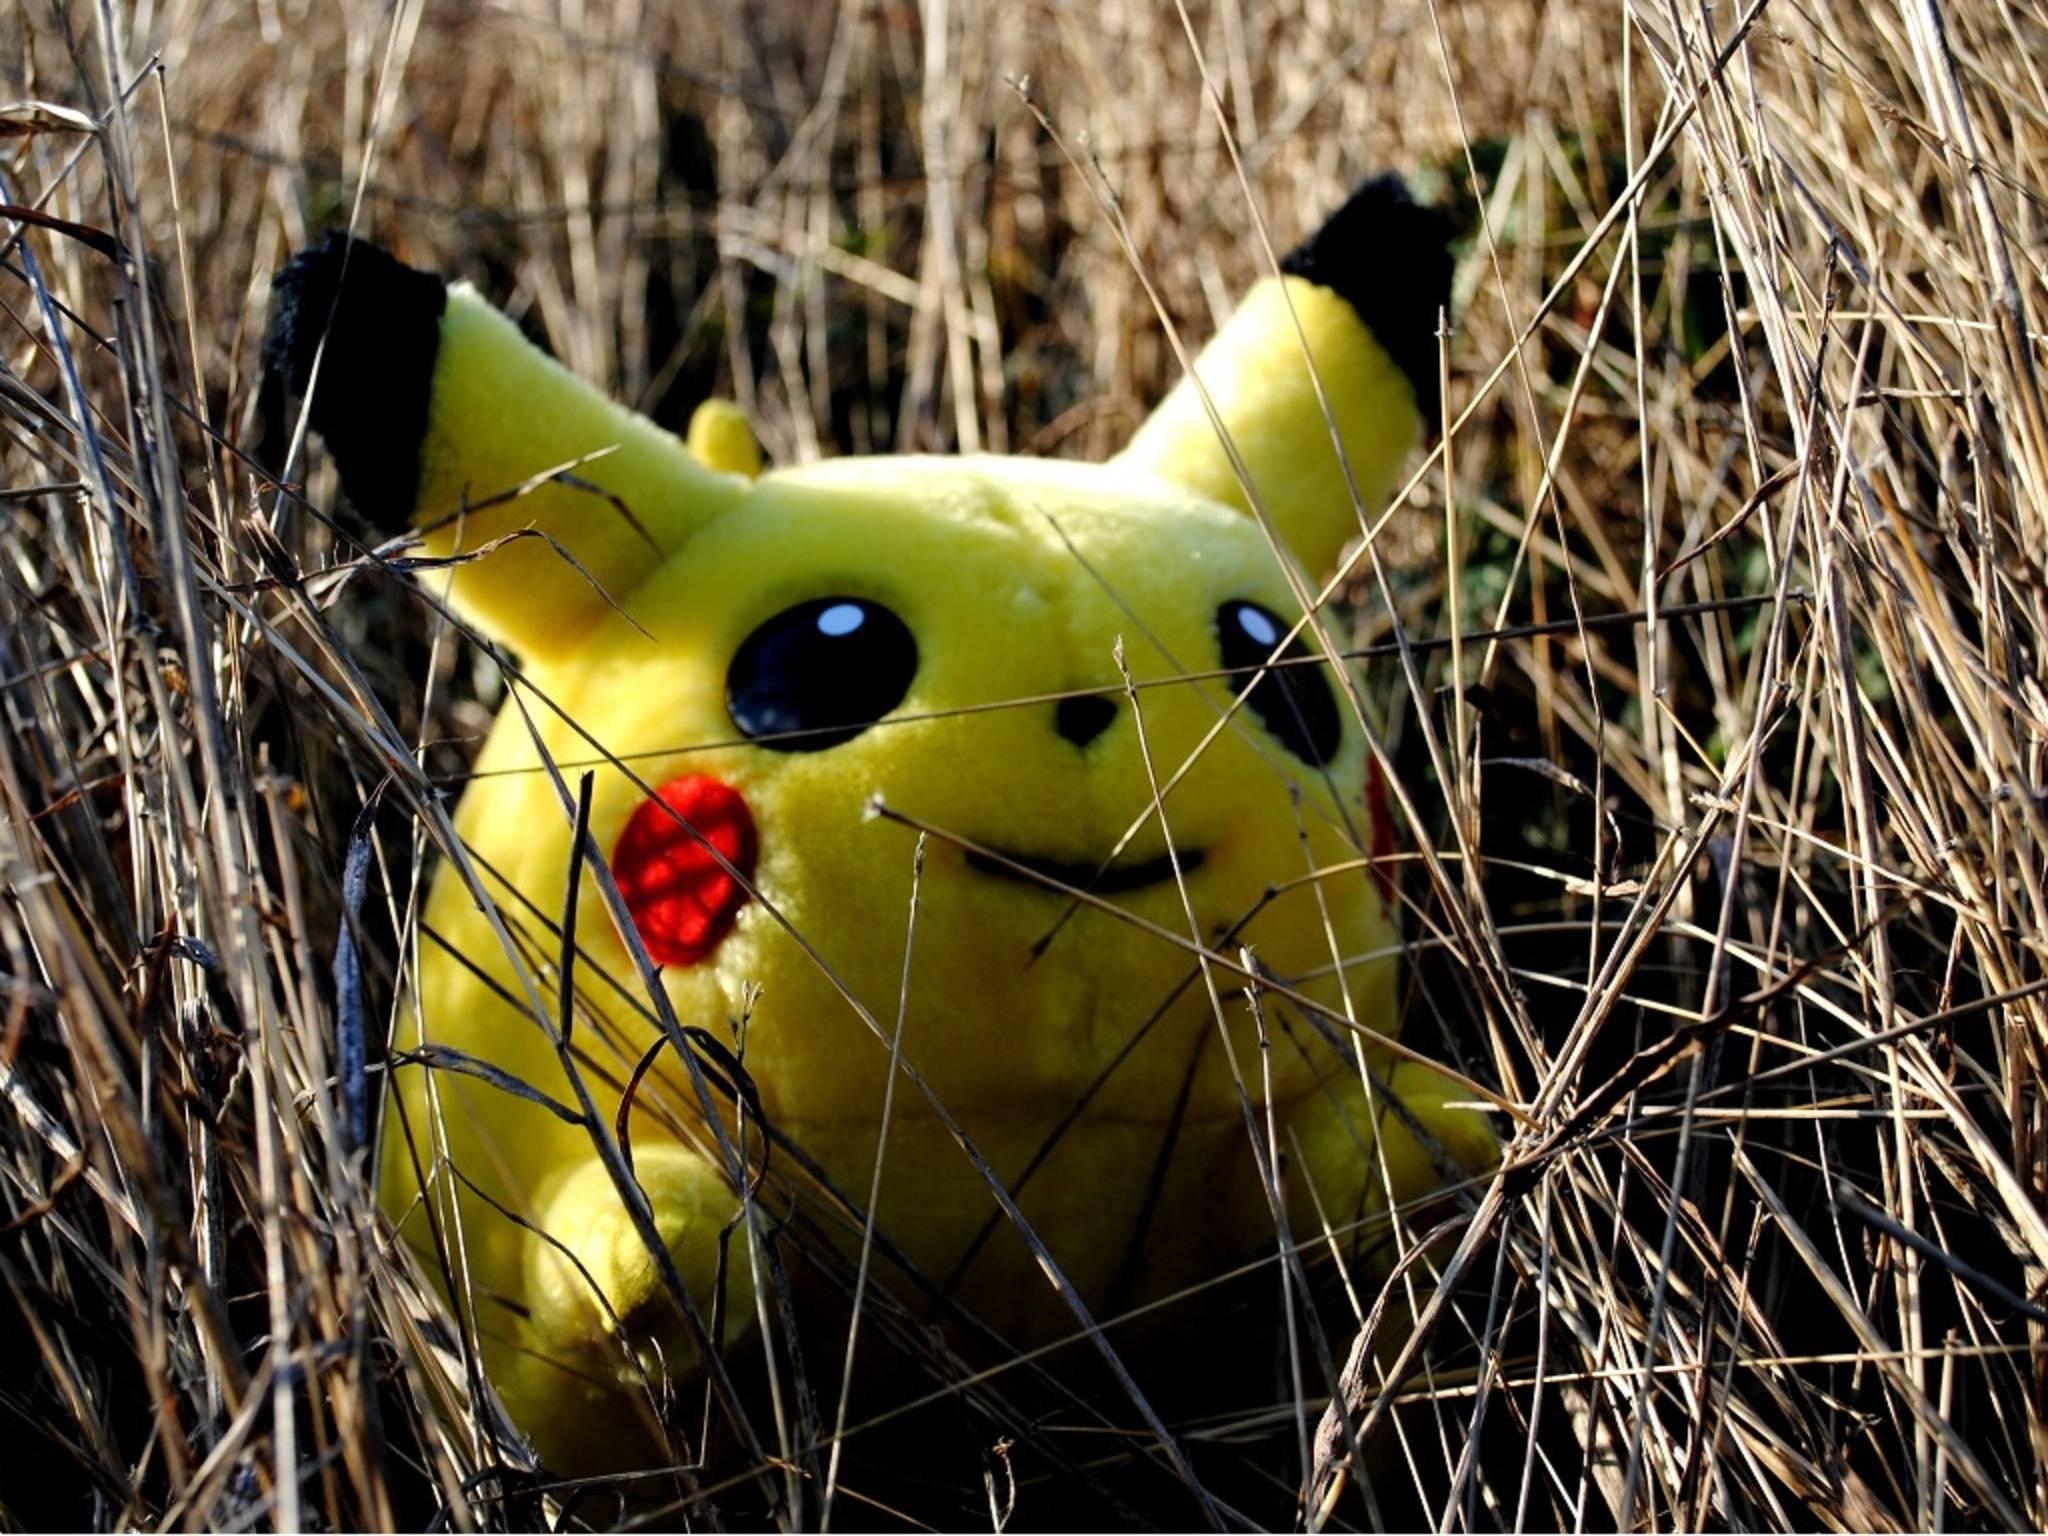 Leider findet man Pokéstops nicht immer an so harmlosen Orten wie einem Kornfeld.